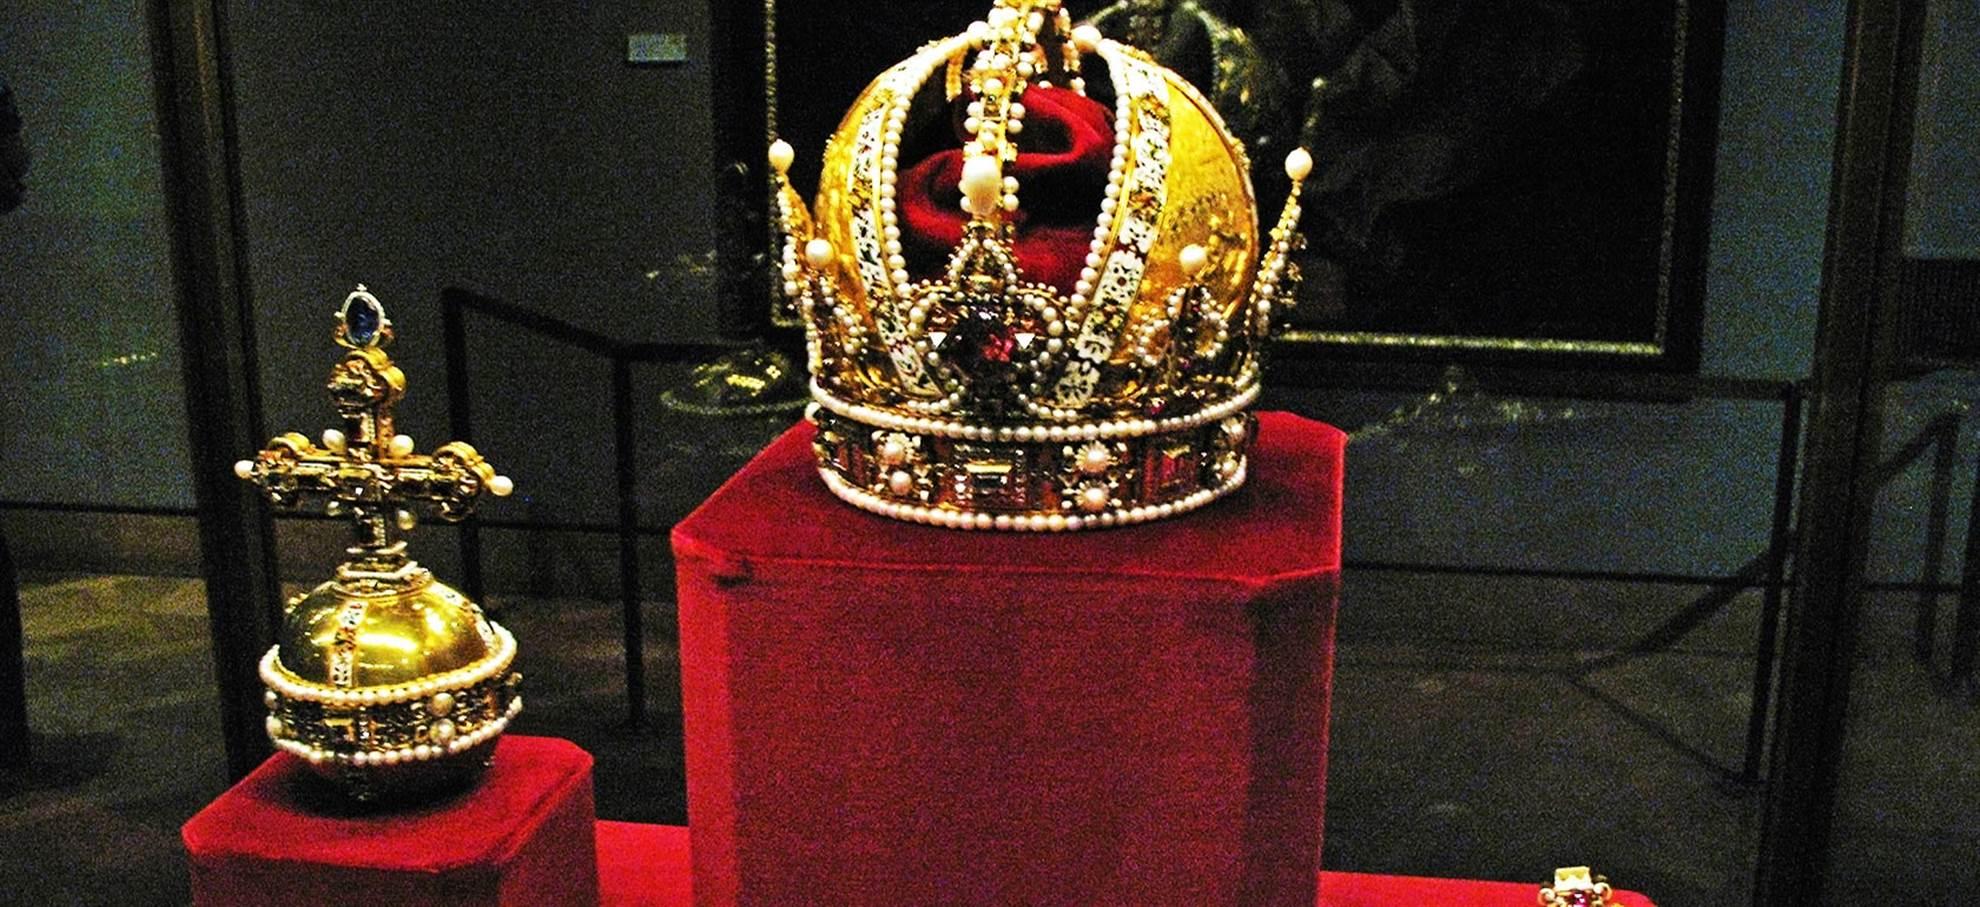 Bezoek de keizerlijke schatkist van Wenen